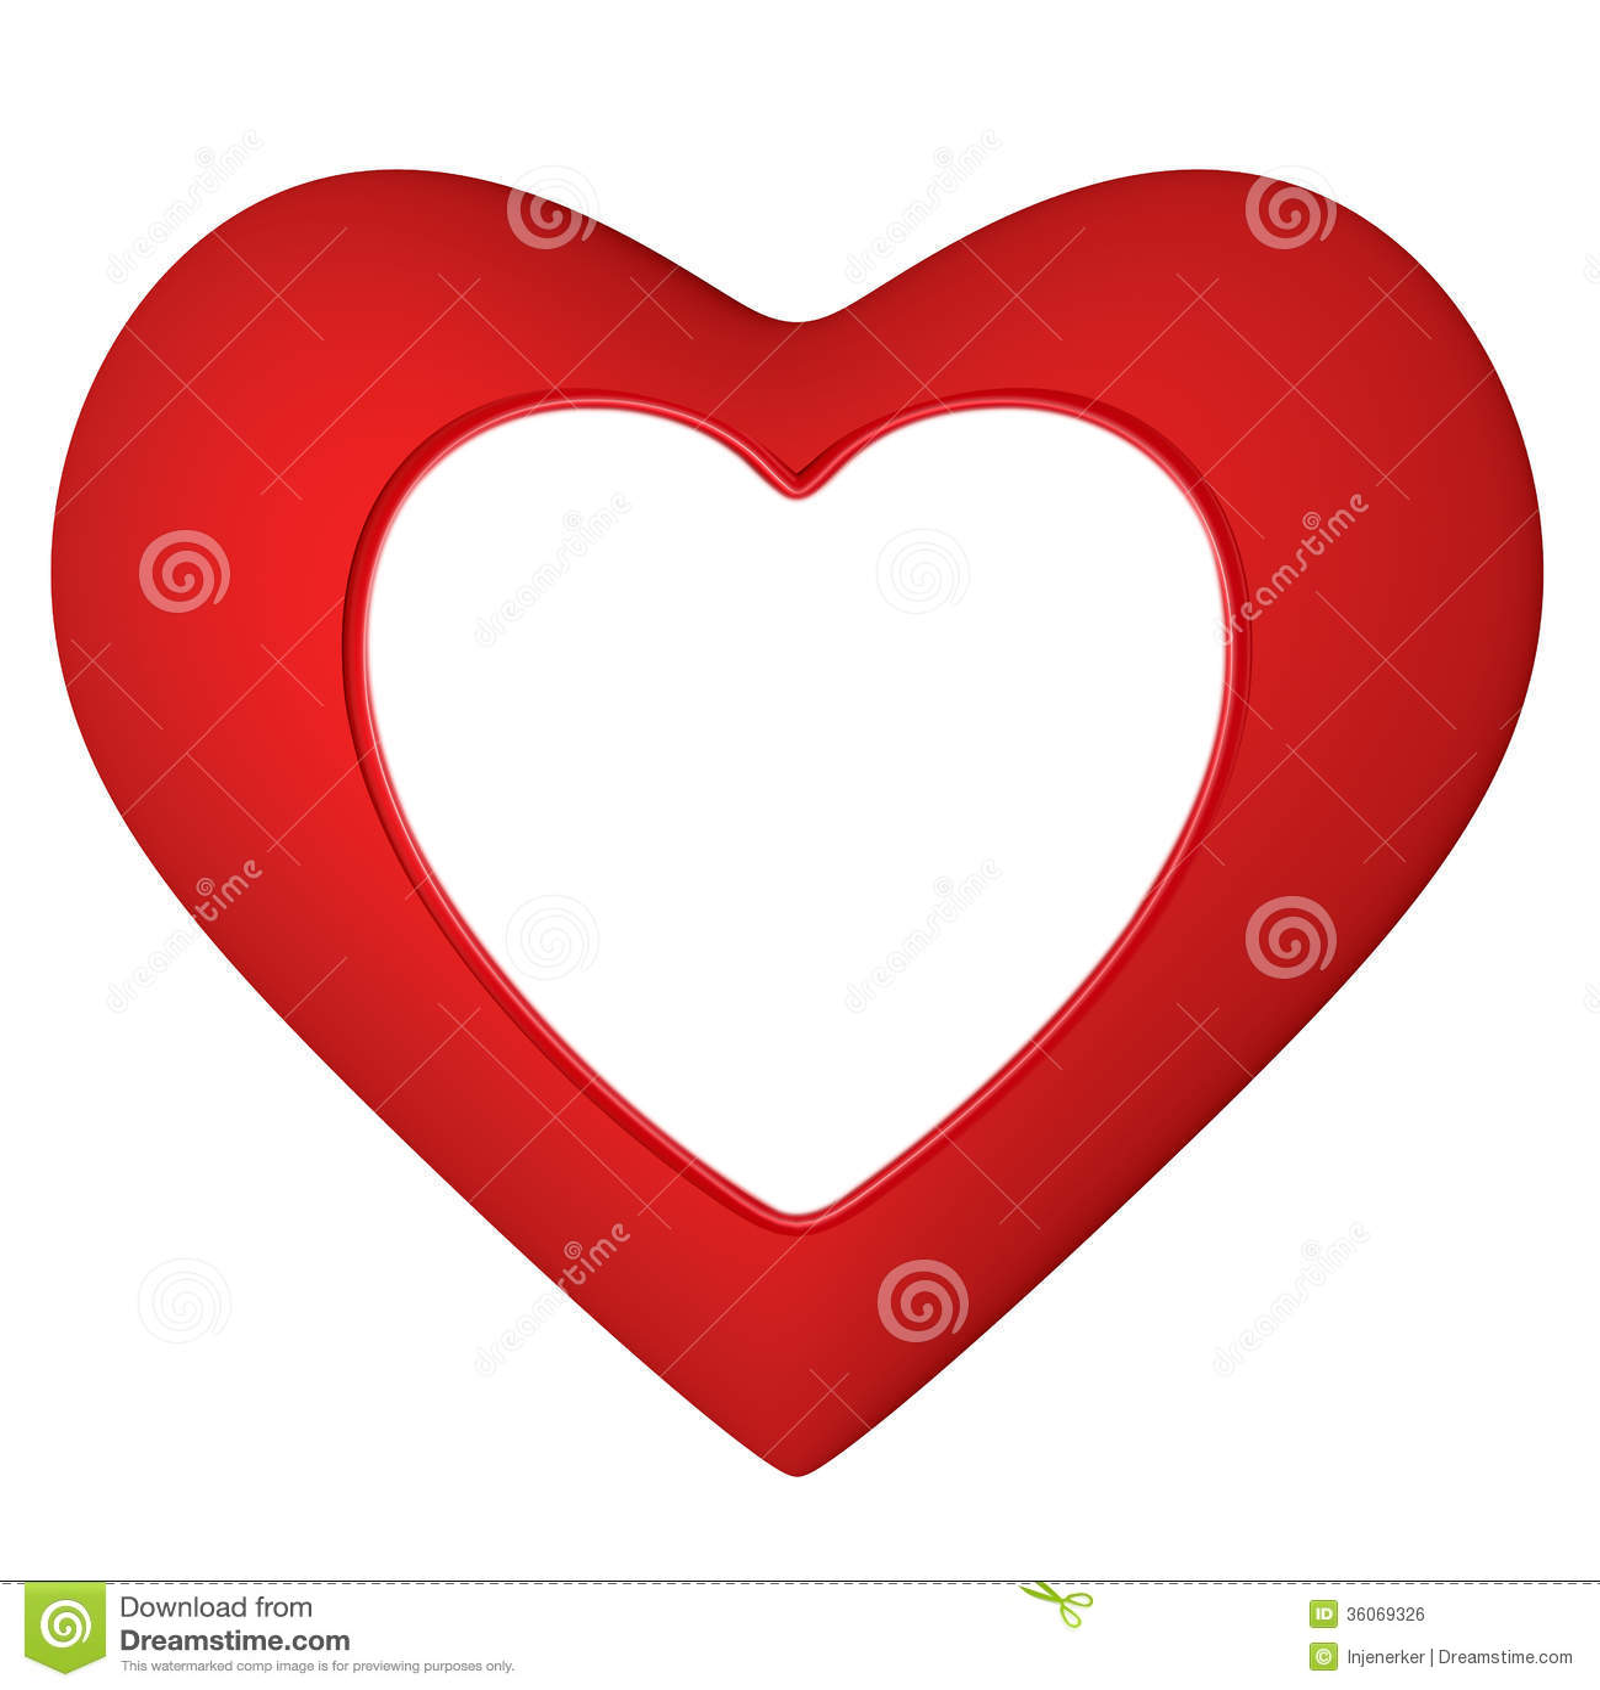 Herzrahmen stock abbildung. Illustration von mädchen - 36069326